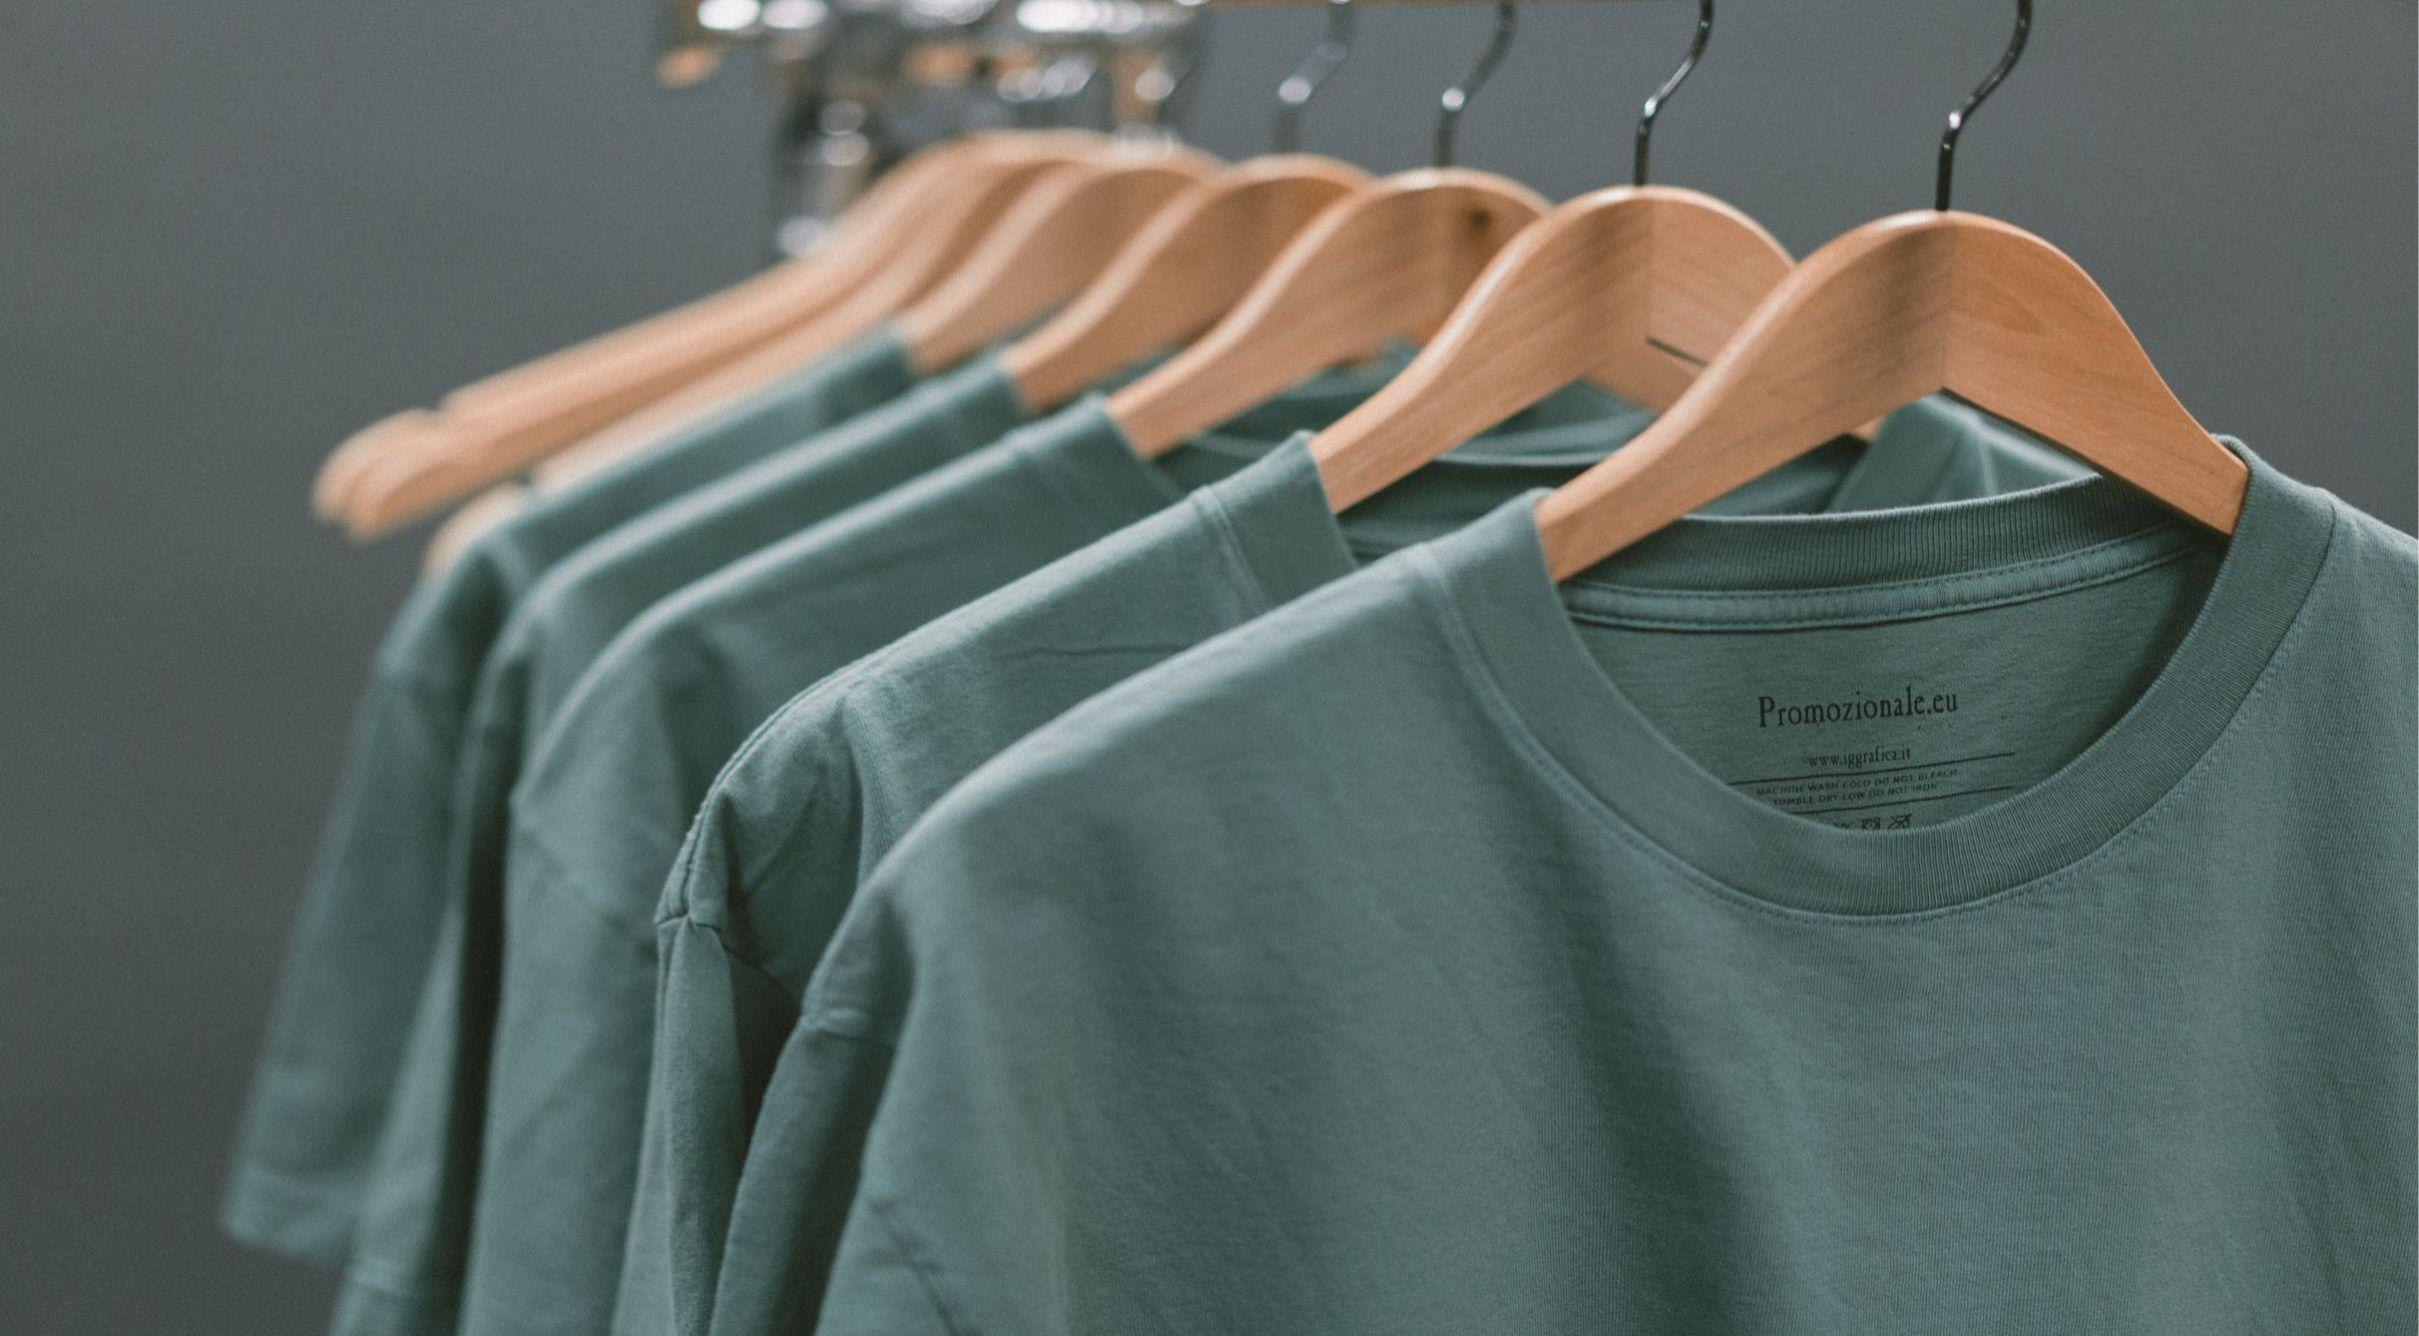 Personalizza il tuo abbigliamento Fatebene Fratelli Milano